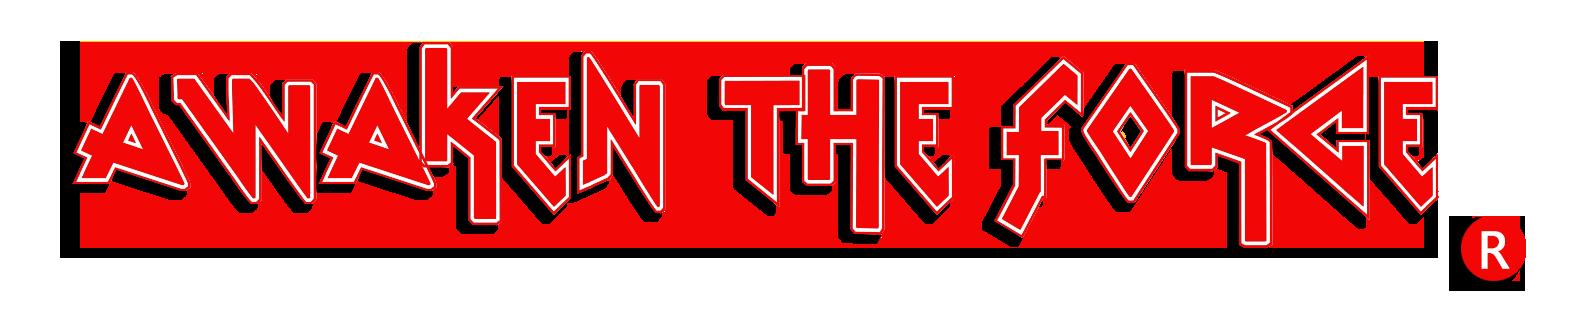 awaken-the-forge